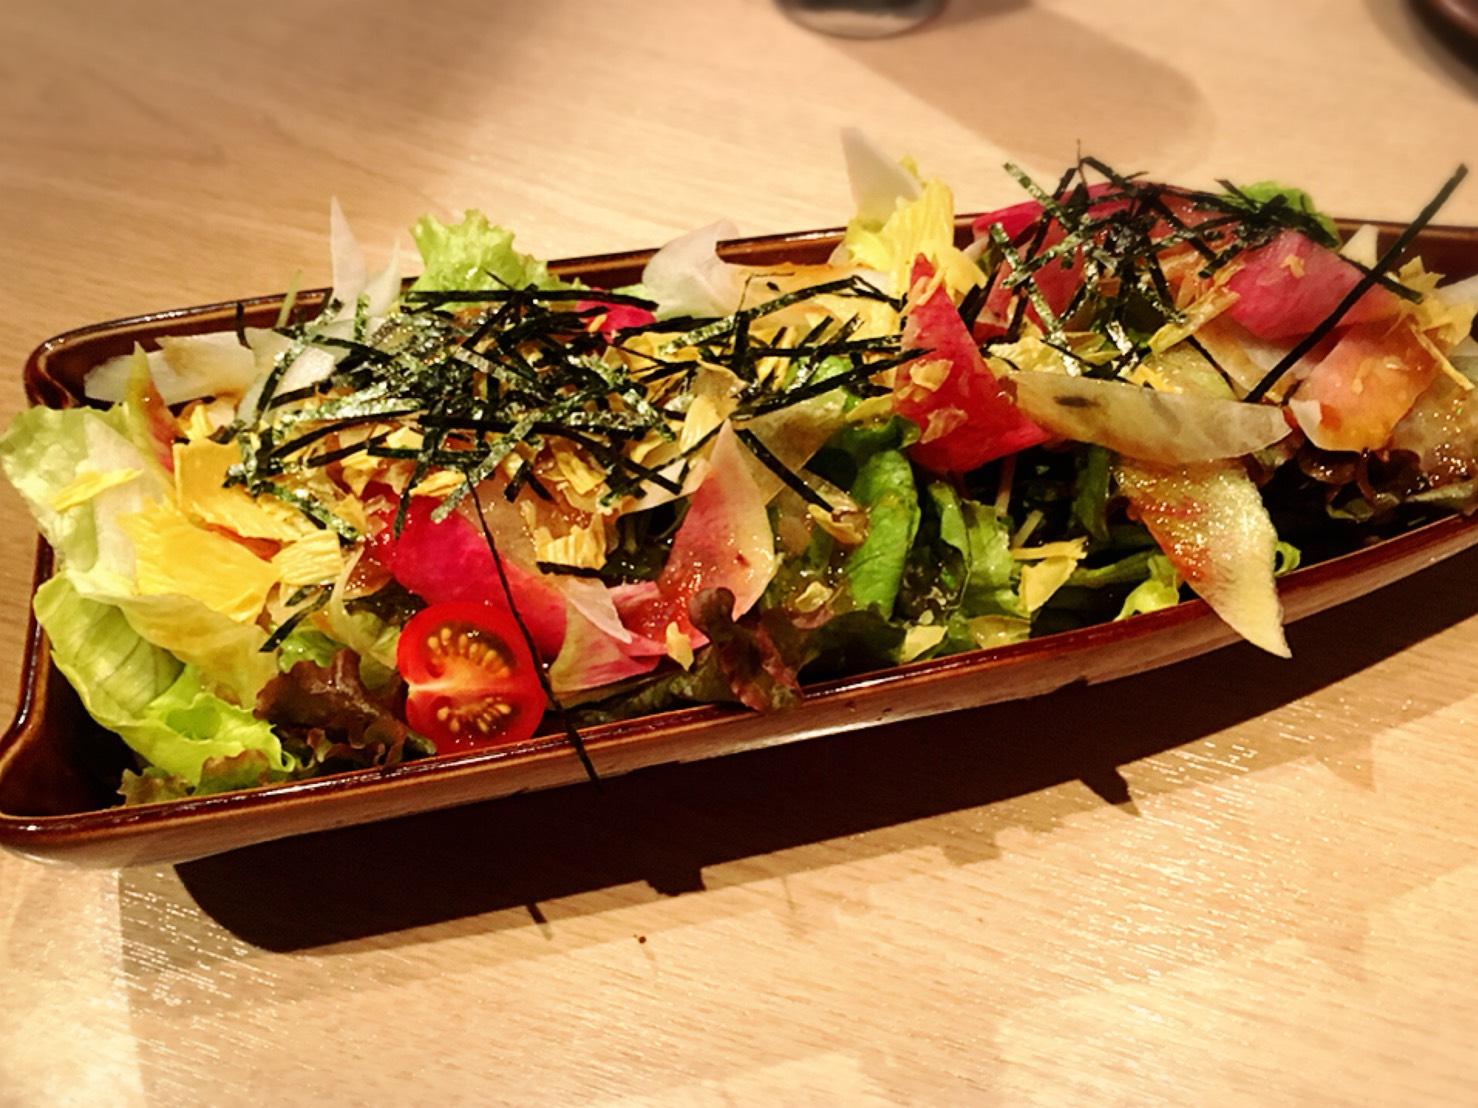 【池袋駅】落ち着いた少人数個室が使いやすい!九州料理もクオリティ高めの「TORI魚 池袋本店」の赤城大根と煎り湯葉のサラダ